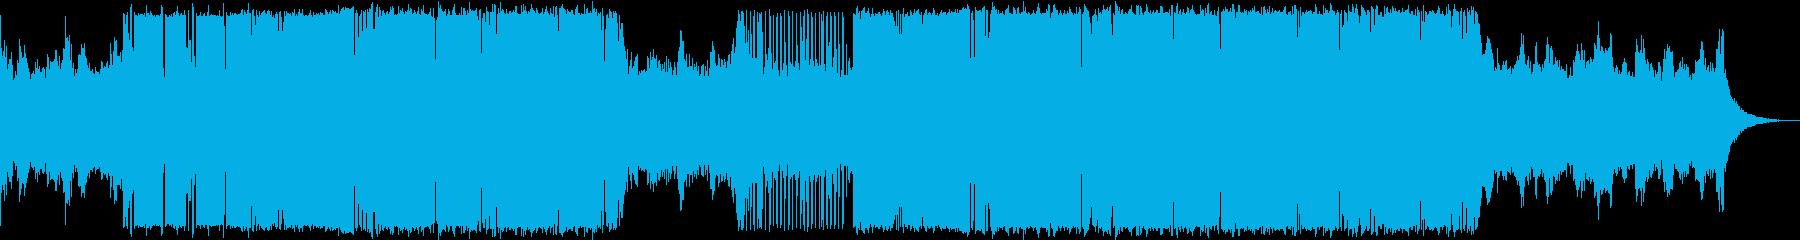 ダークで緊迫感のあるトラップミュージックの再生済みの波形